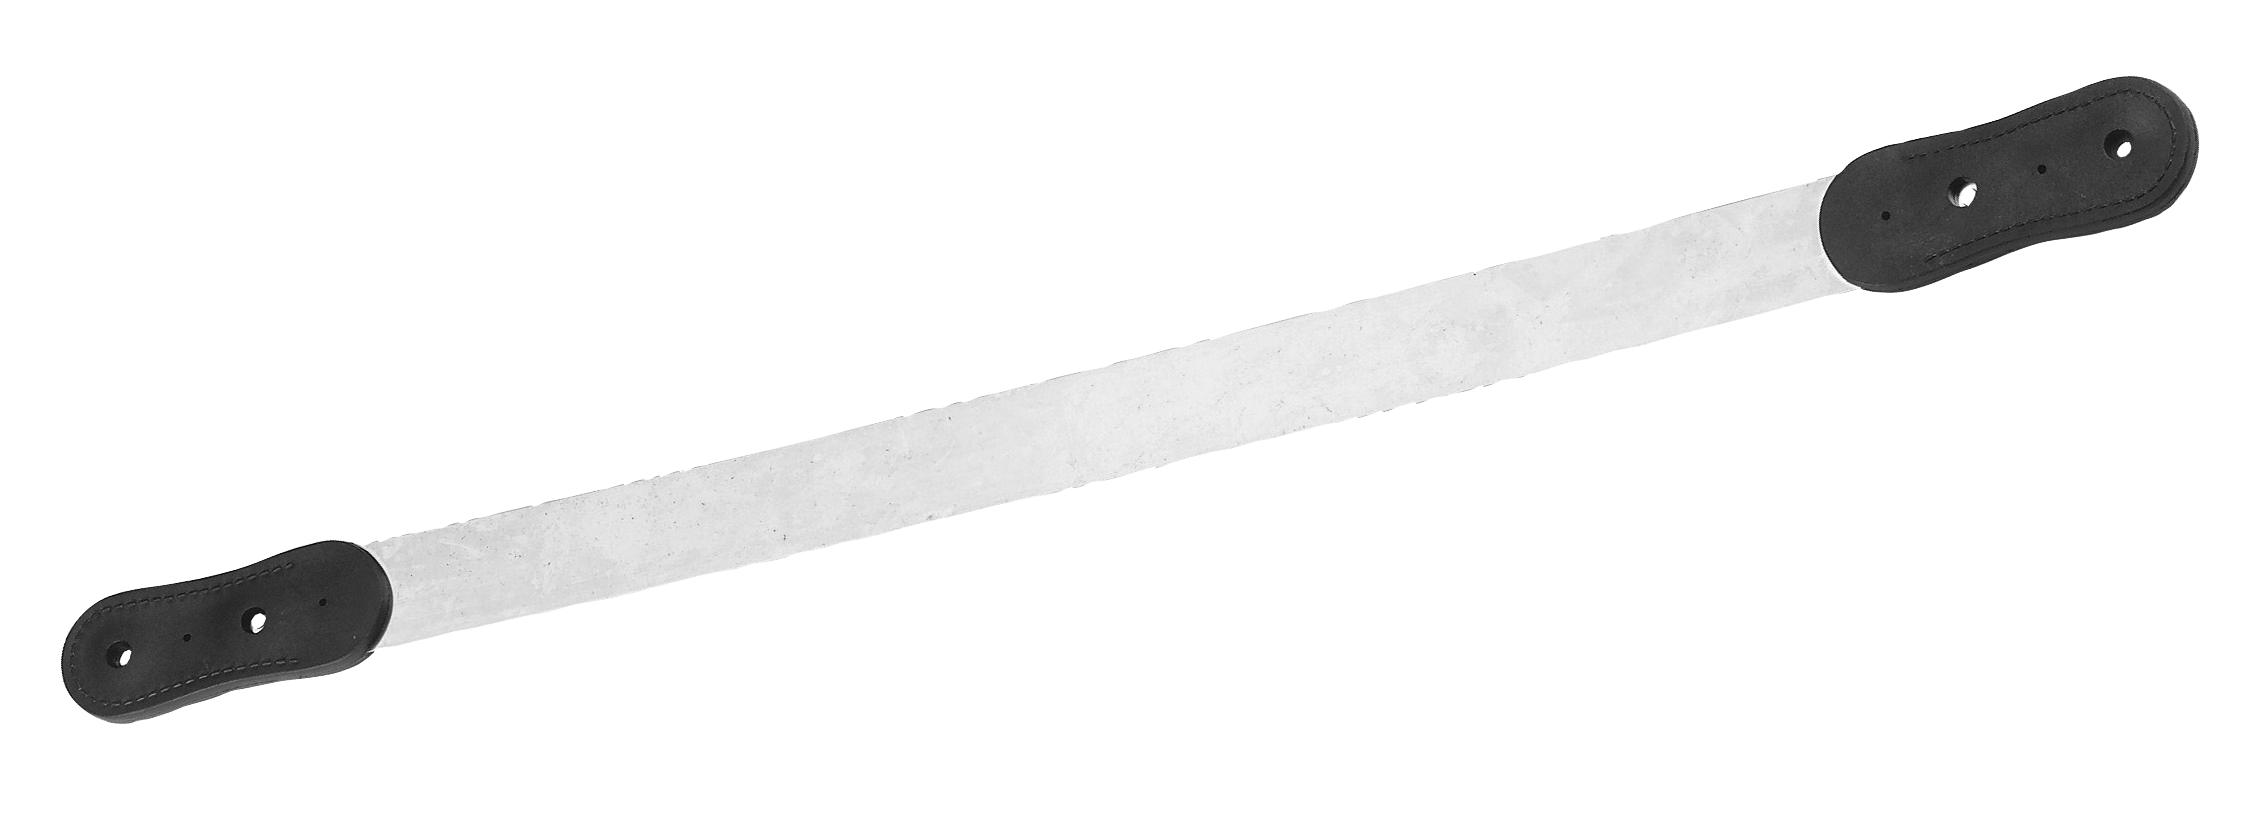 Zweetmes recht metaal 80cm